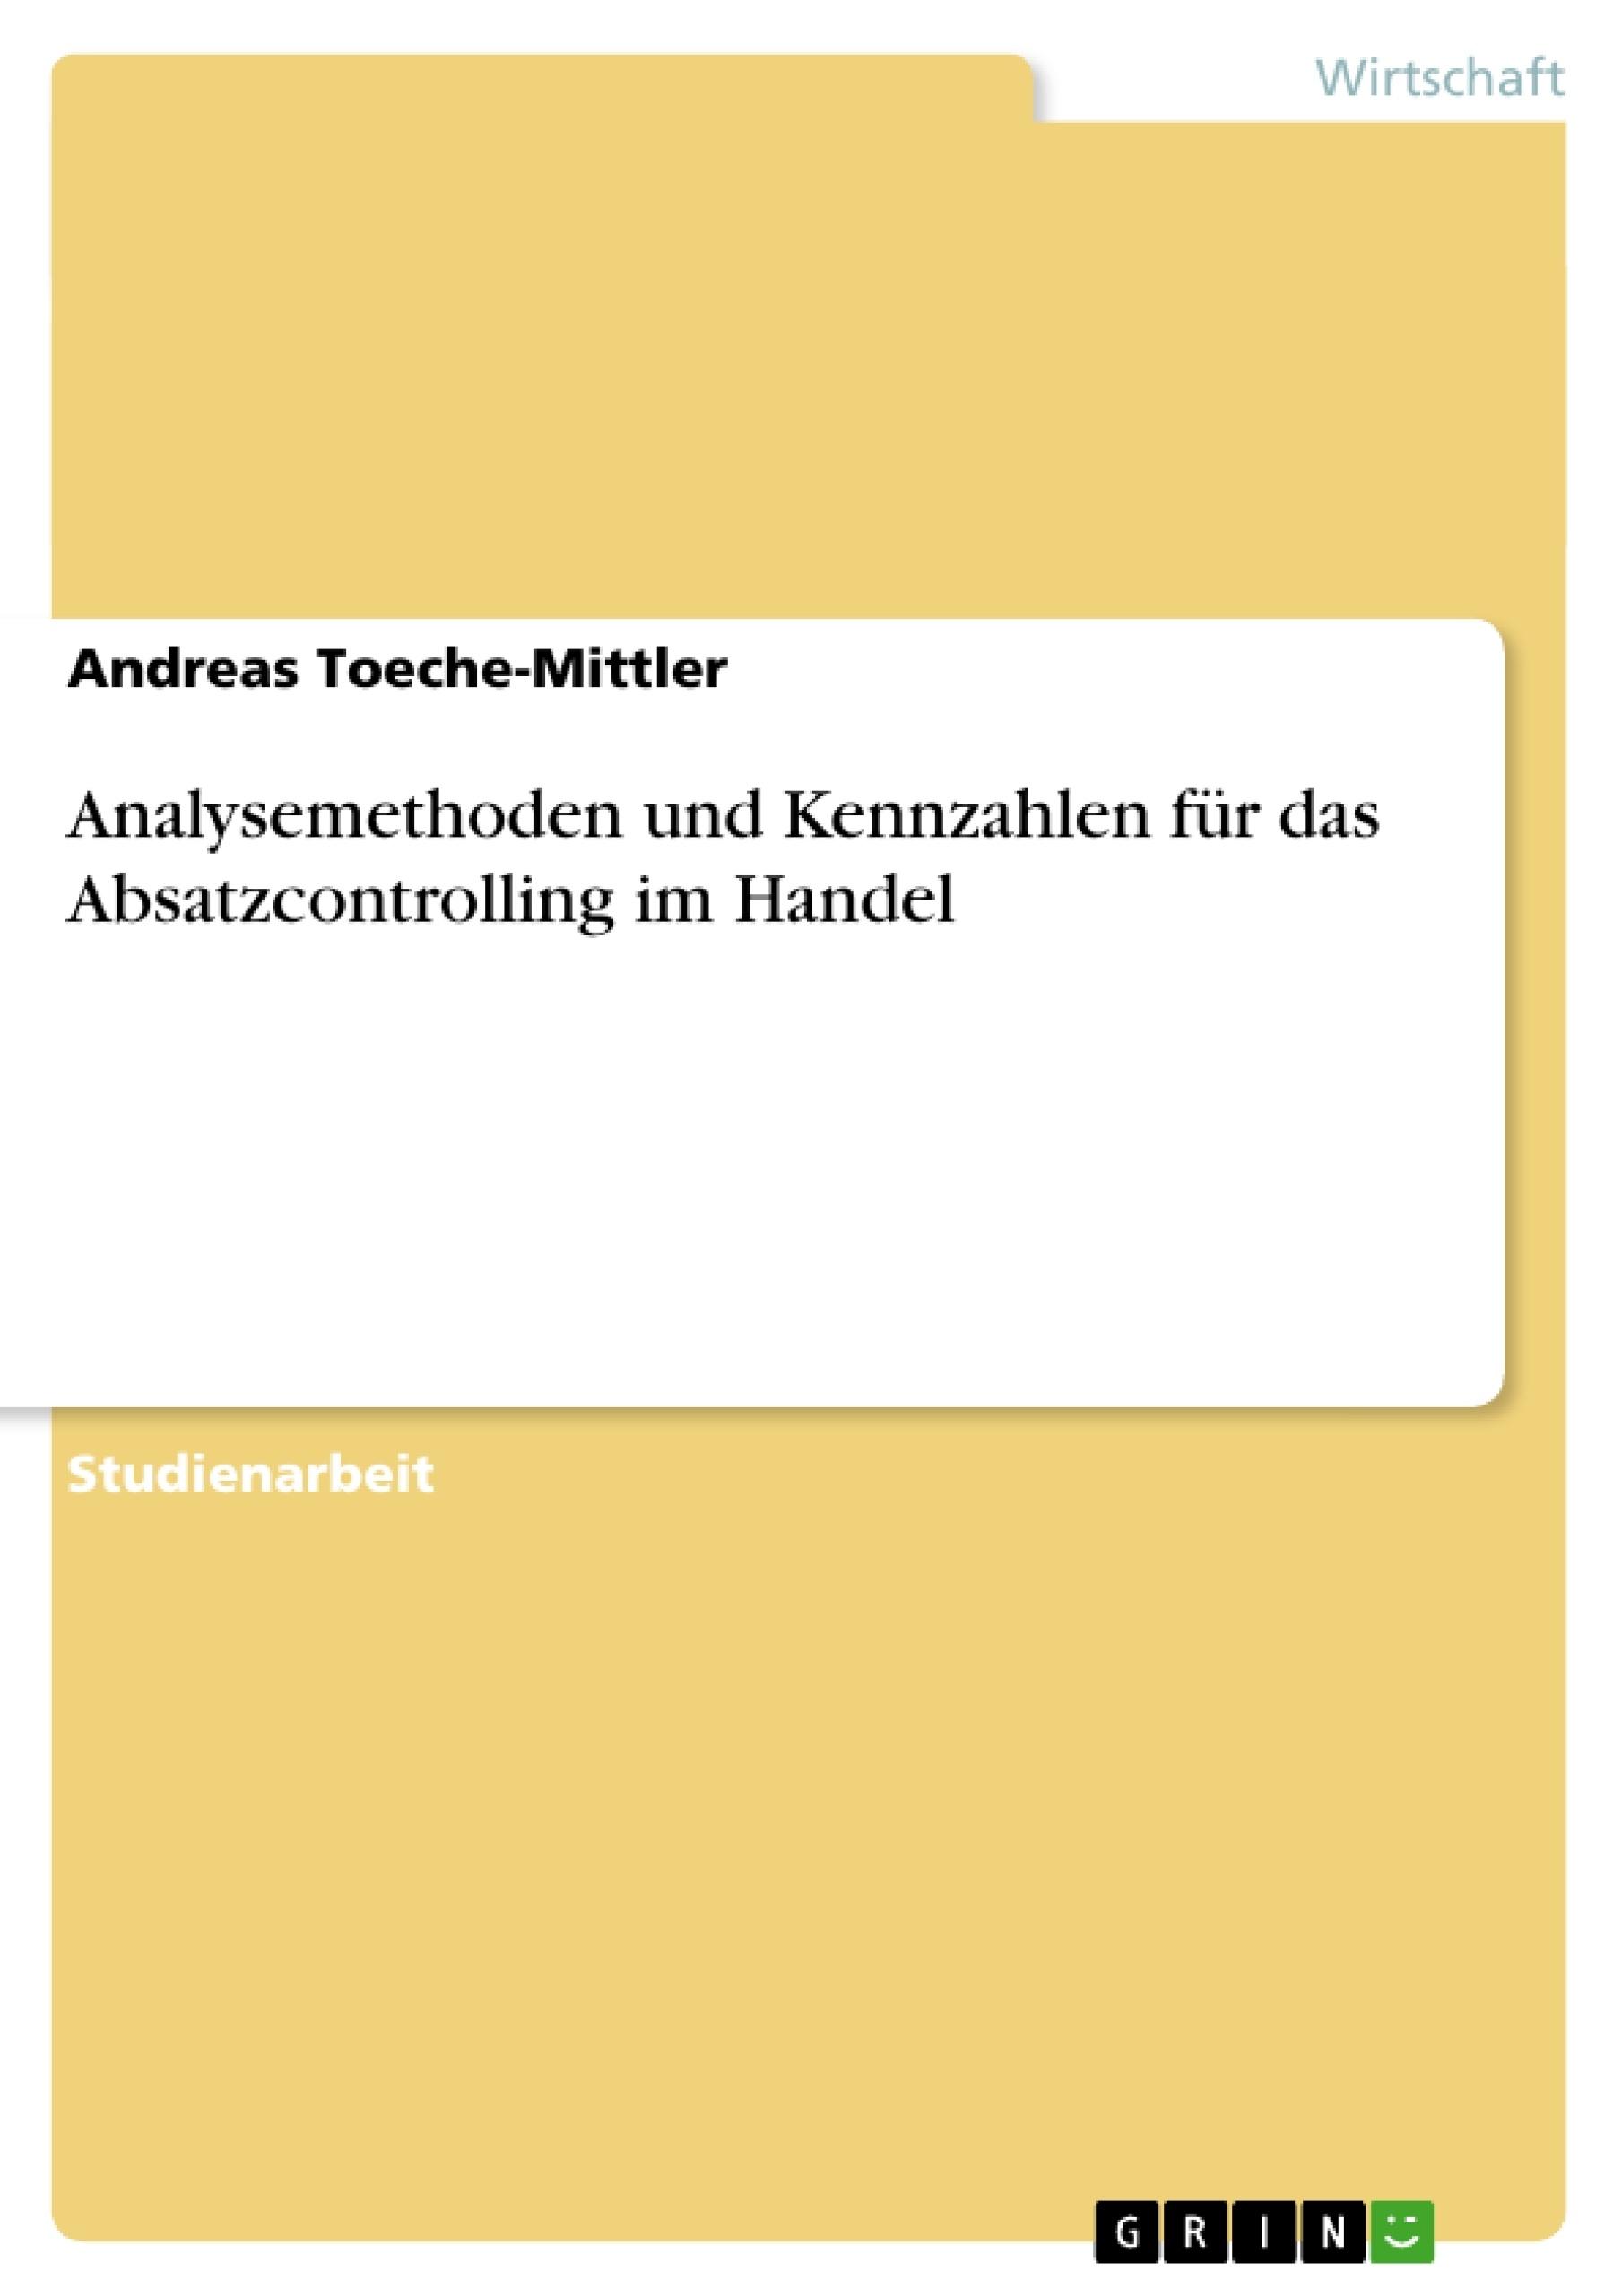 Titel: Analysemethoden und Kennzahlen für das Absatzcontrolling im Handel